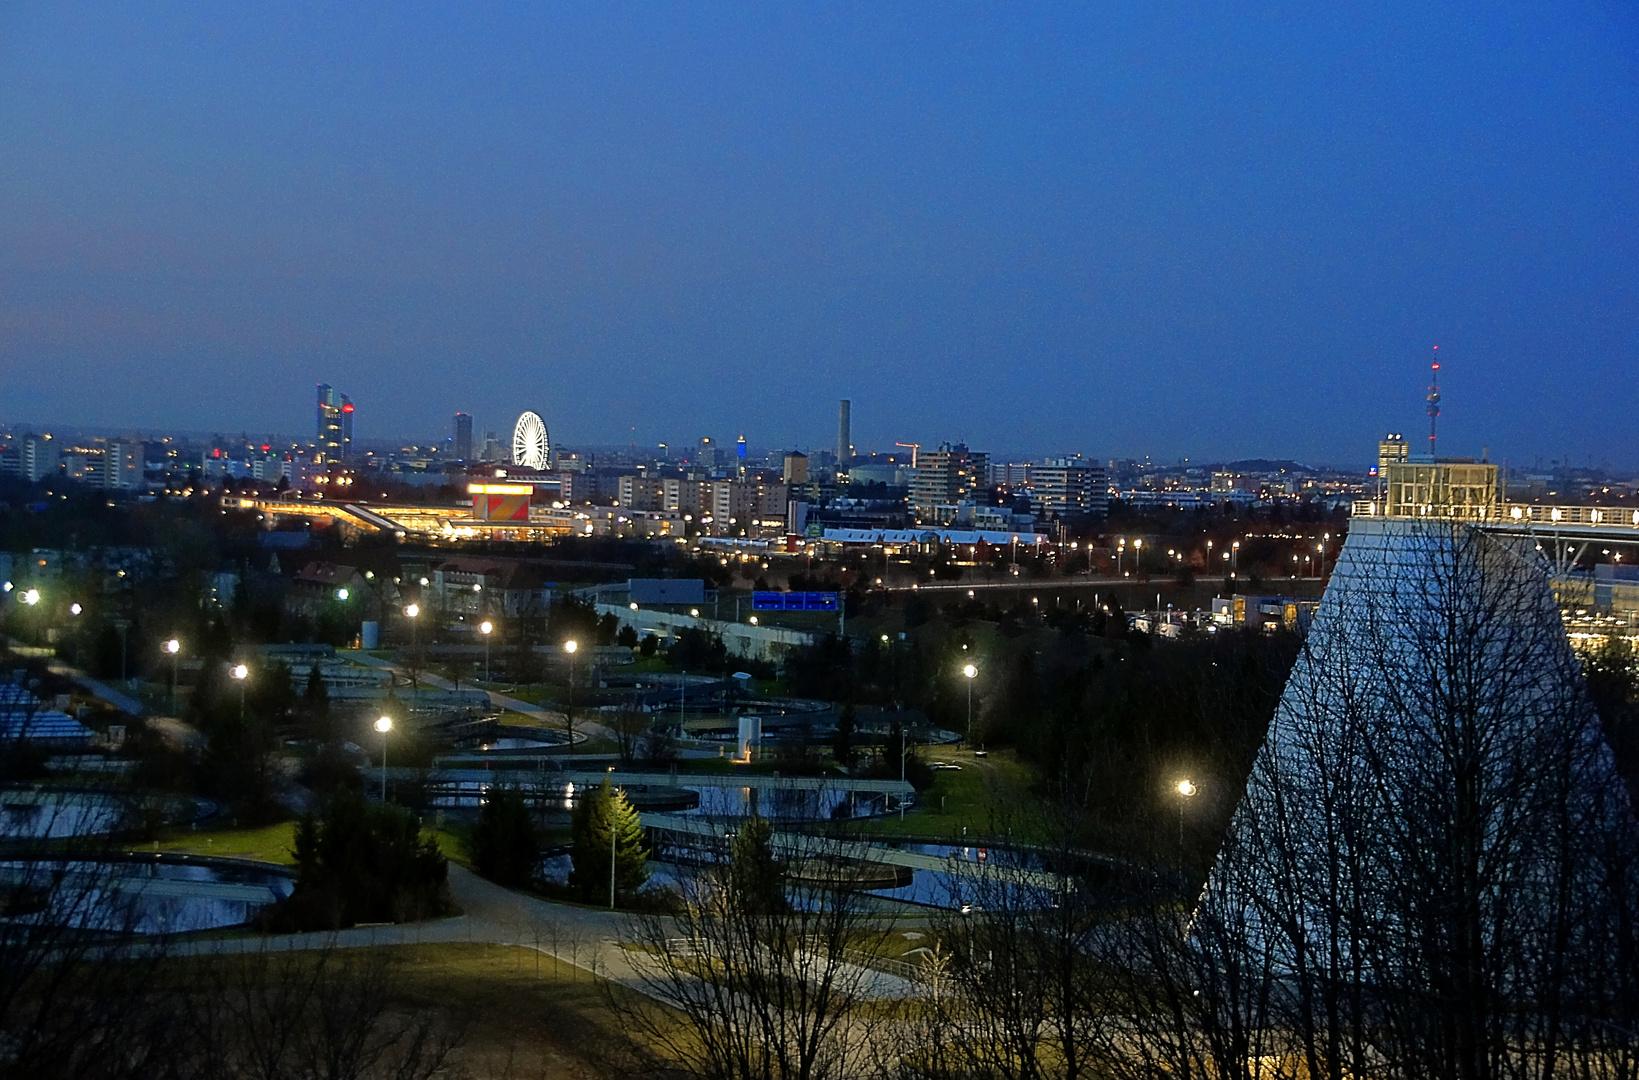 München erwacht am Heilig Abend 2012